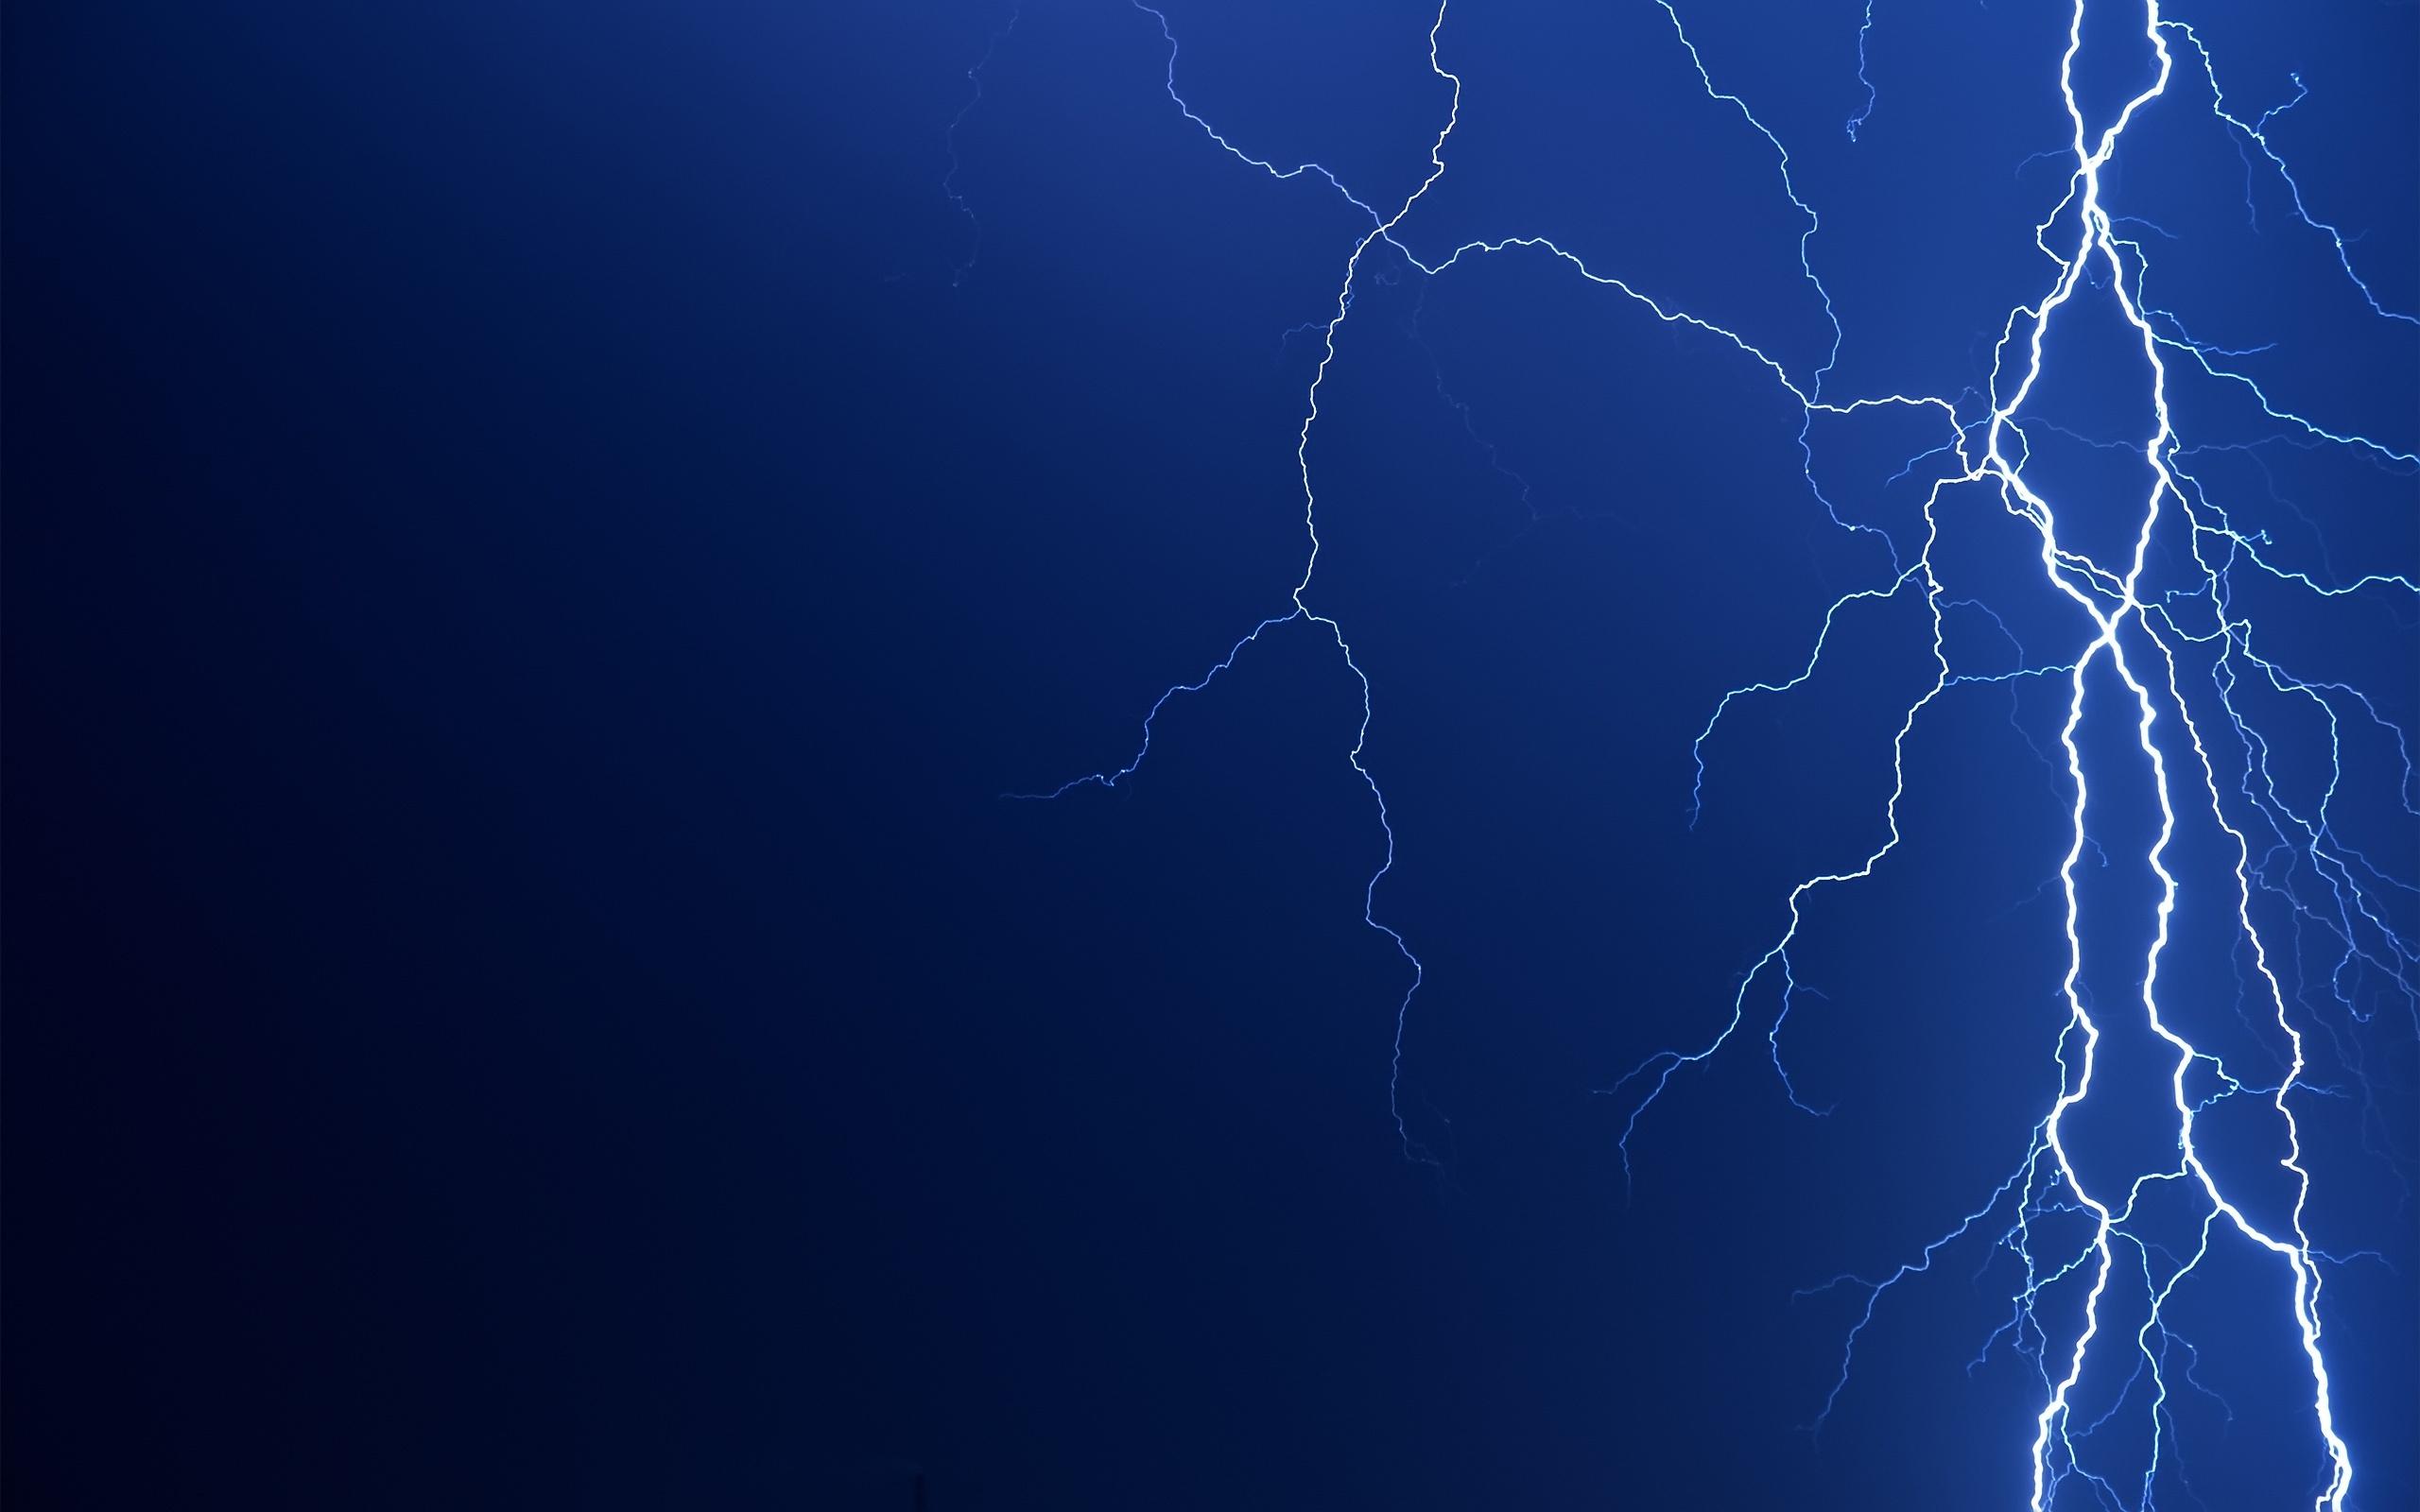 2560x1600 Lightning bolt desktop PC and Mac wallpaper 2560x1600